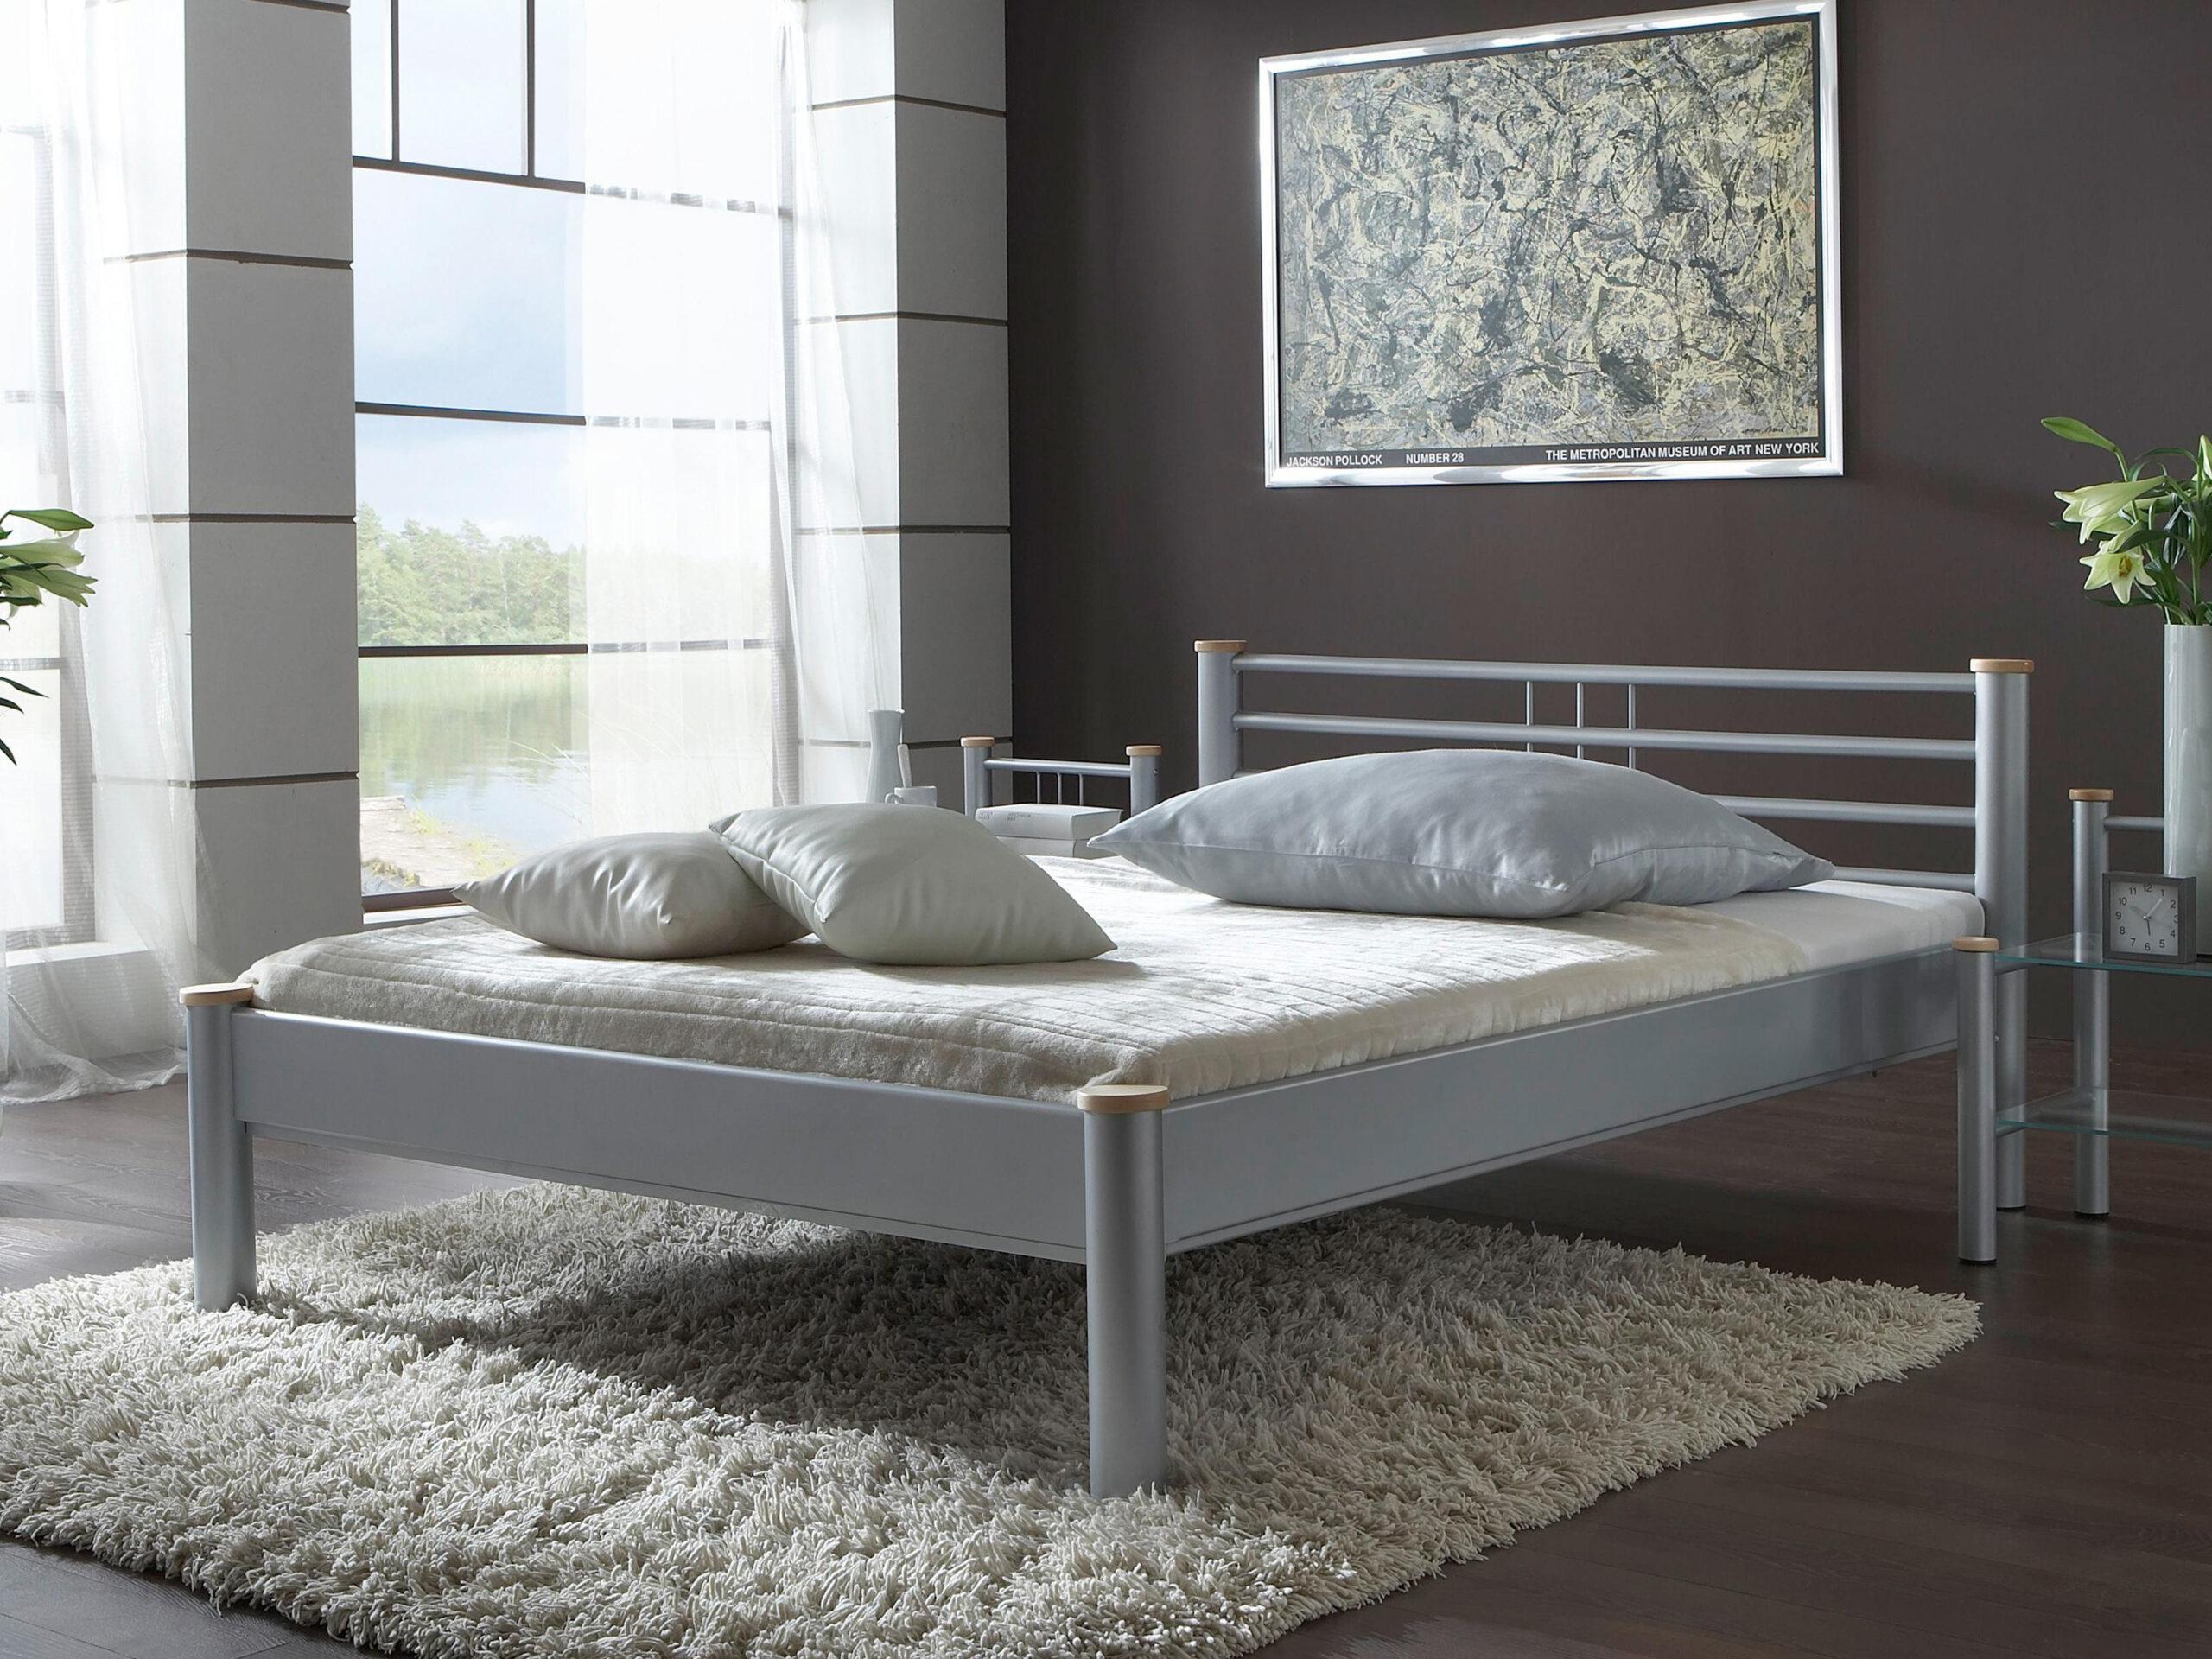 Full Size of Metallbett 100x200 Schlichter Christina Bett Weiß Betten Wohnzimmer Metallbett 100x200